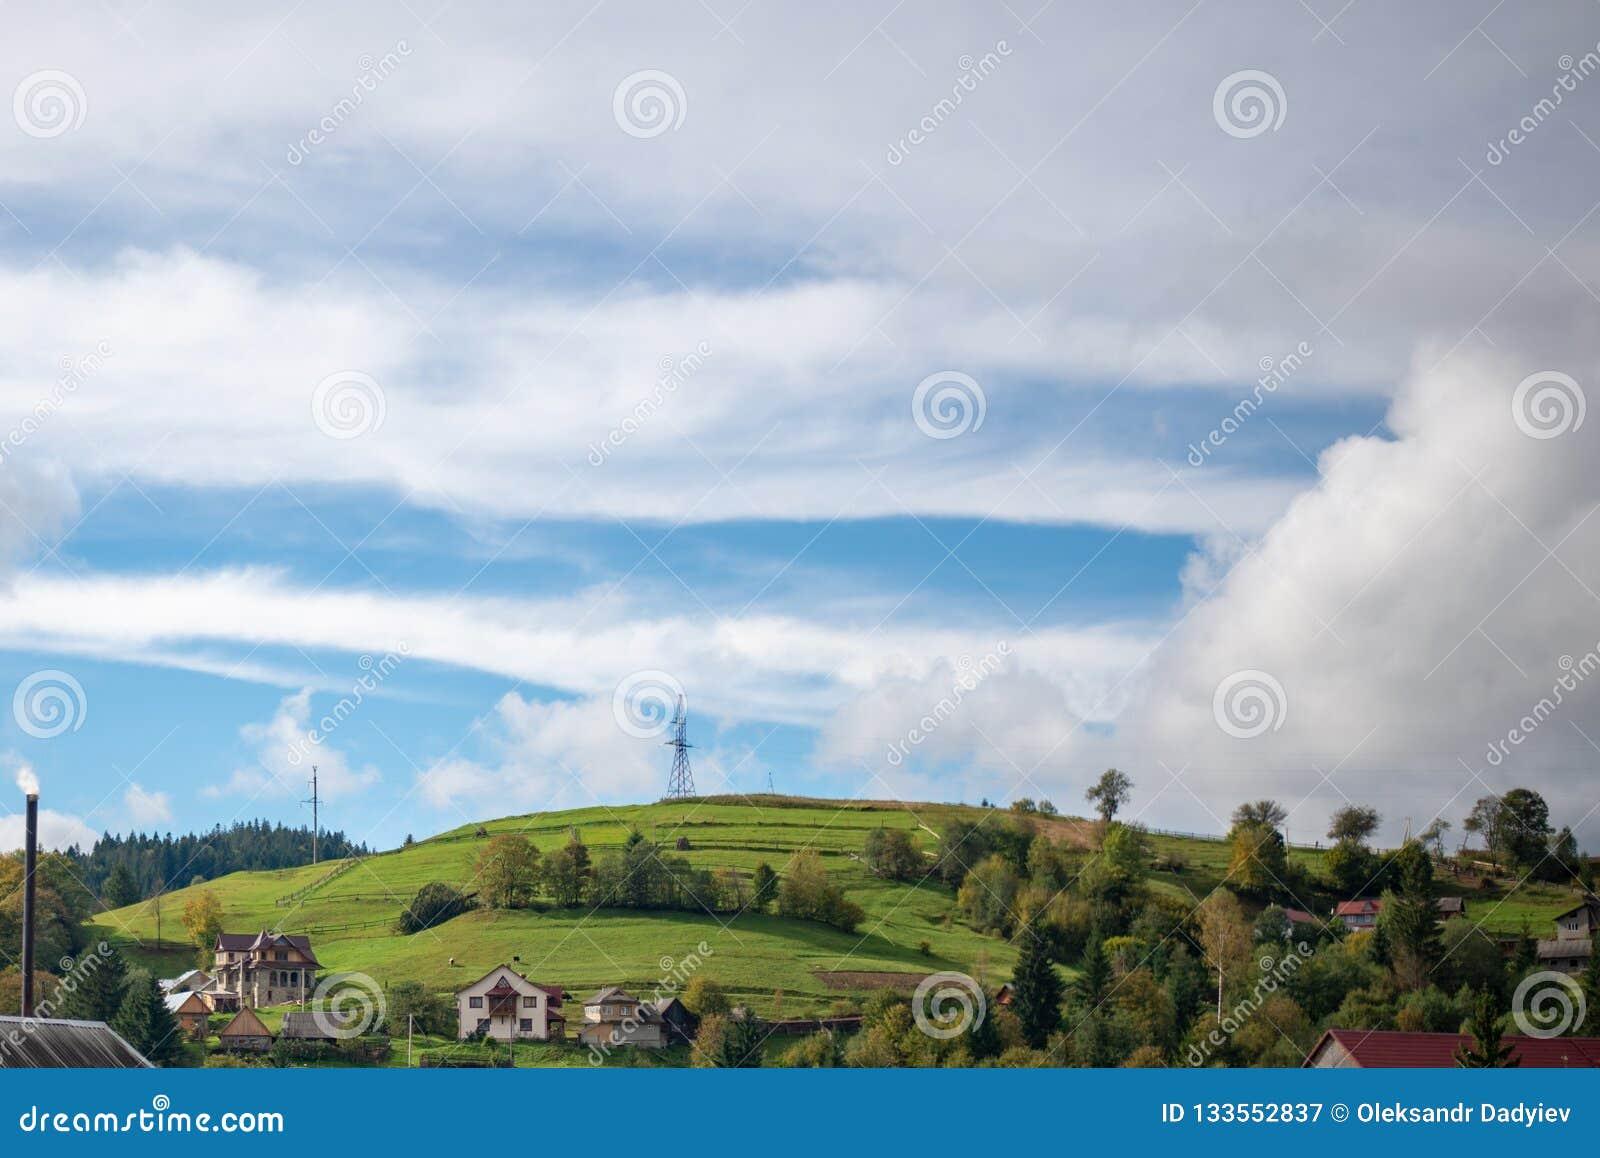 Berglandskap med stormmoln Upptill av berget finns det en pelare av elektricitet